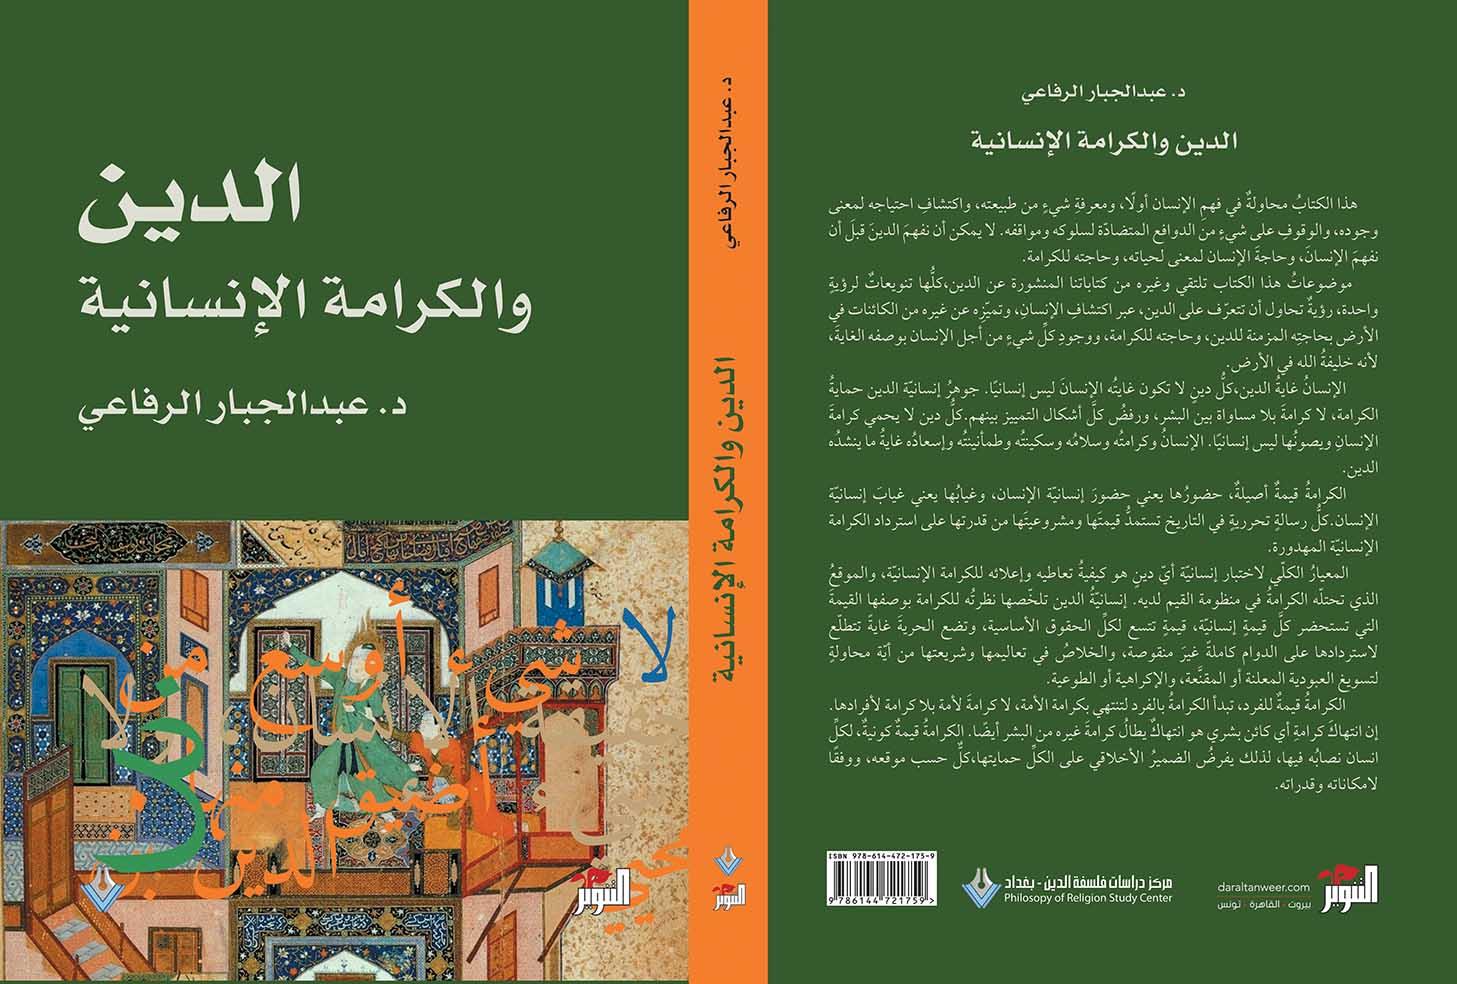 كتاب الدين والكرامة الإنسانية